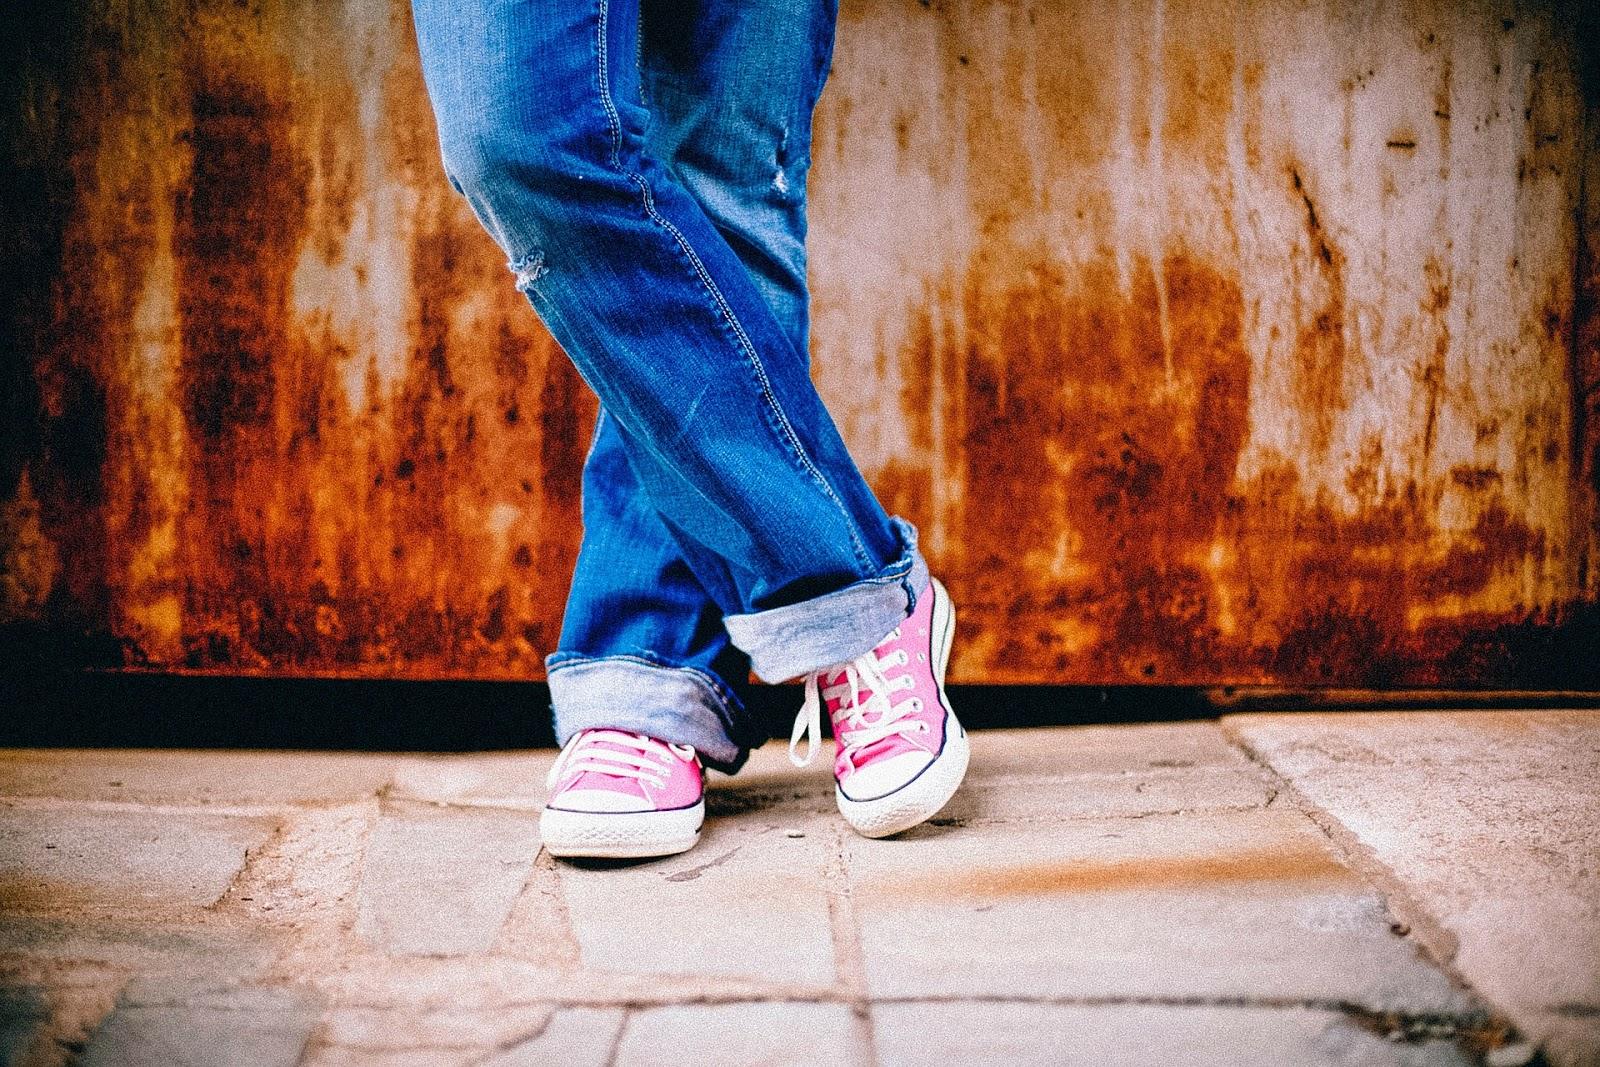 pies , piernas , de pie , esperando , cruzado , urbanas , los pantalones vaqueros , joven , adolescente , femenino , chica , mujer , zapatos de color rosa , zapatos con cordones , fresco , de moda , calzado , zapatillas de deporte